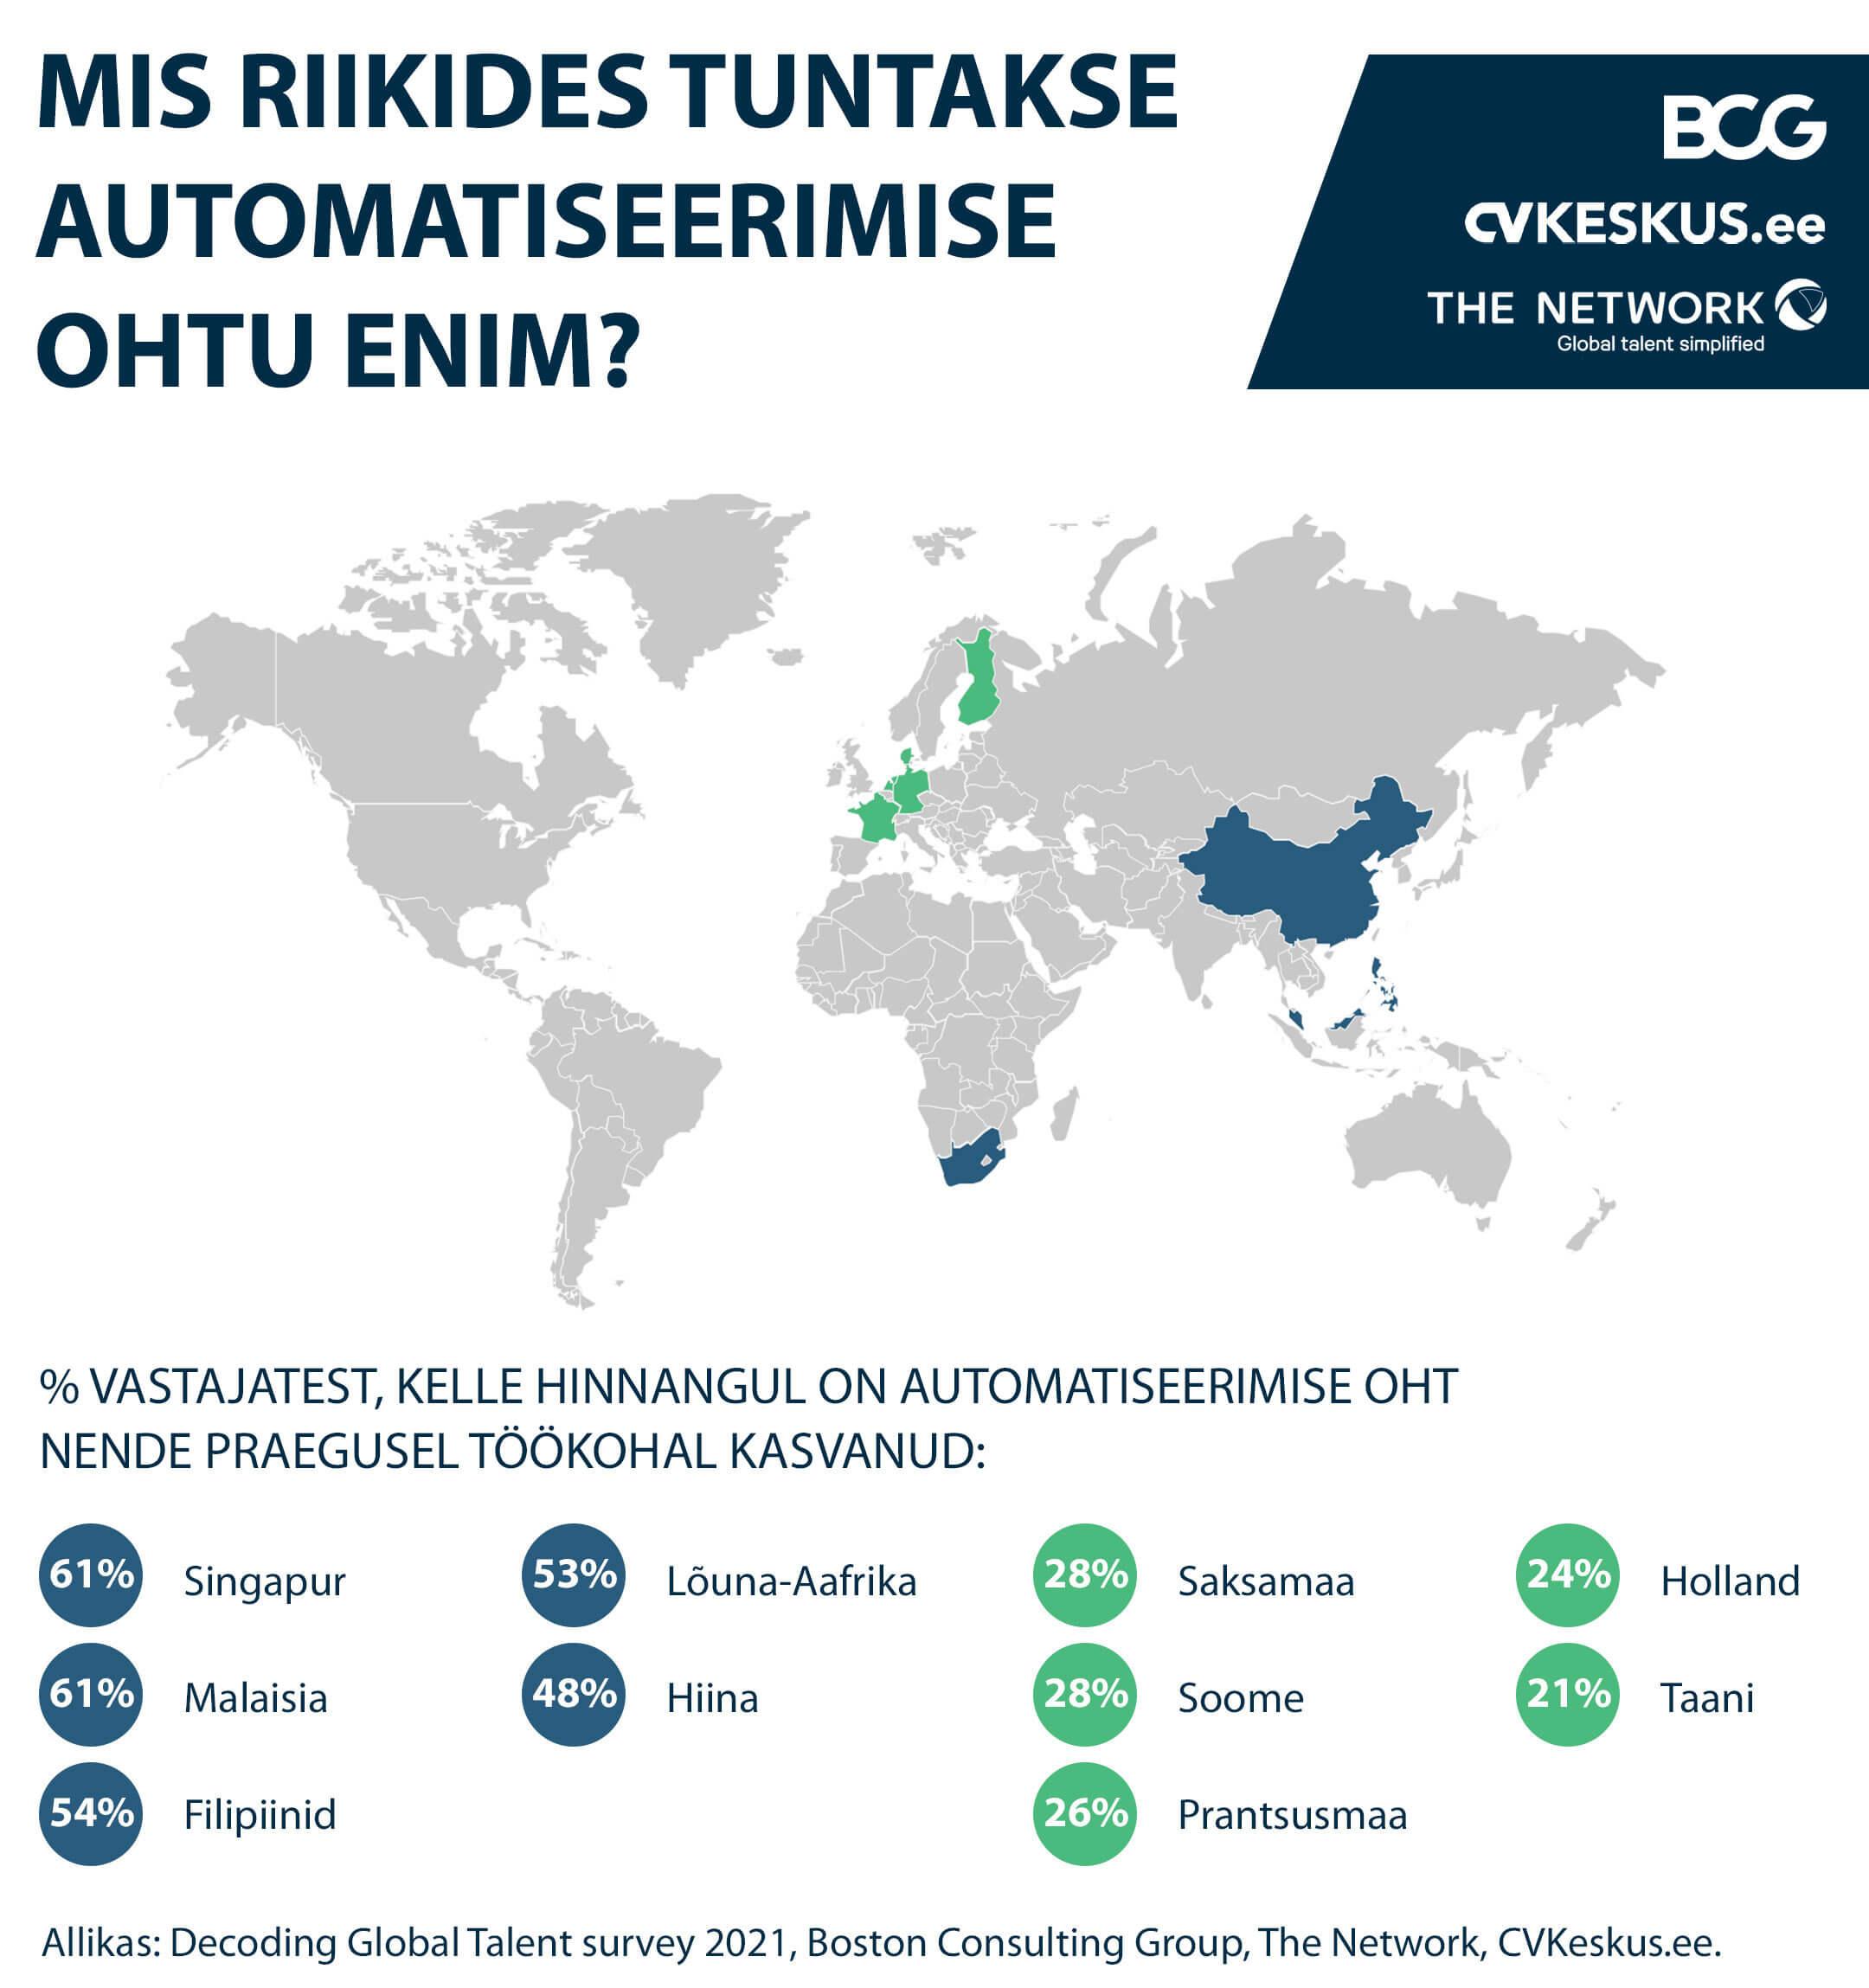 Mis riikides tuntakse automatiseerimise ohtu enim?